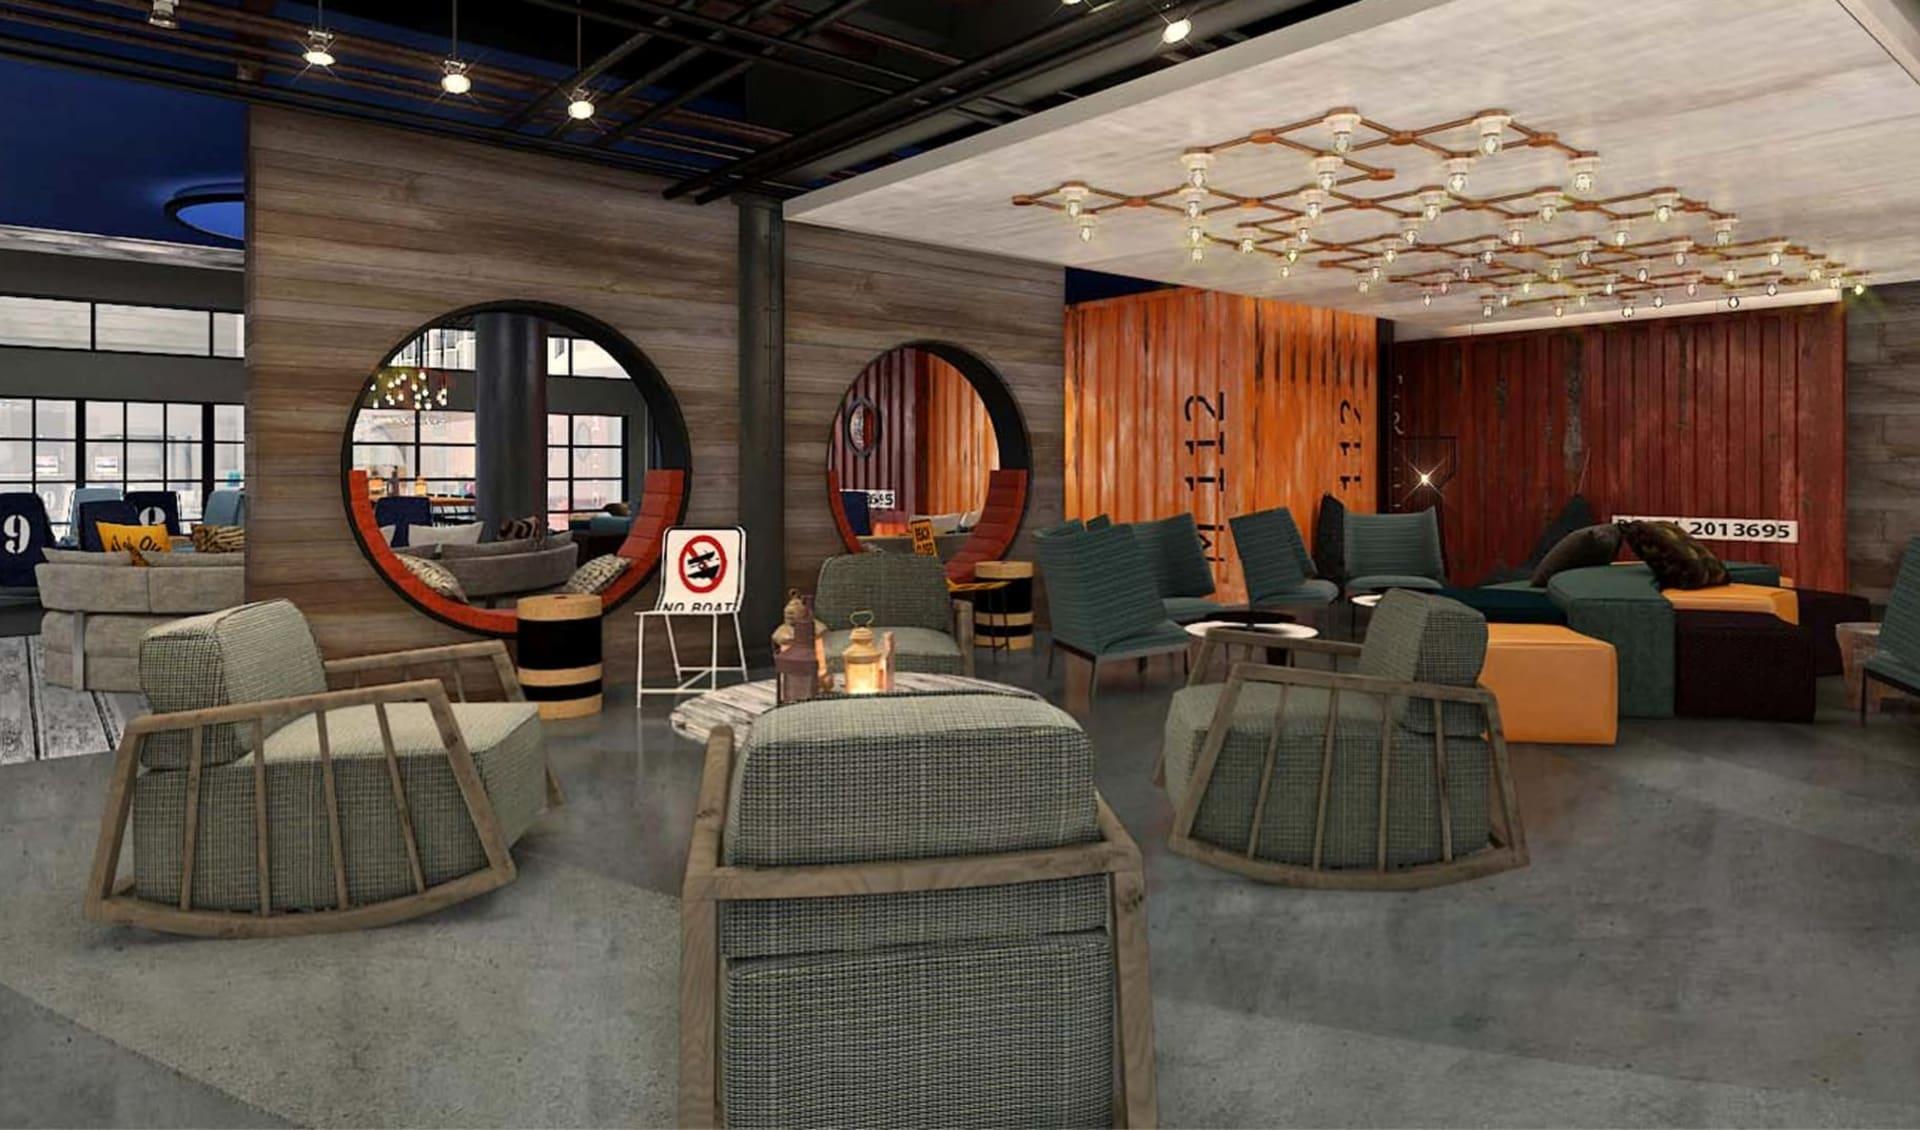 Hotel Zephyr in San Francisco:  Hotel Zephyr_Lobby_ATI